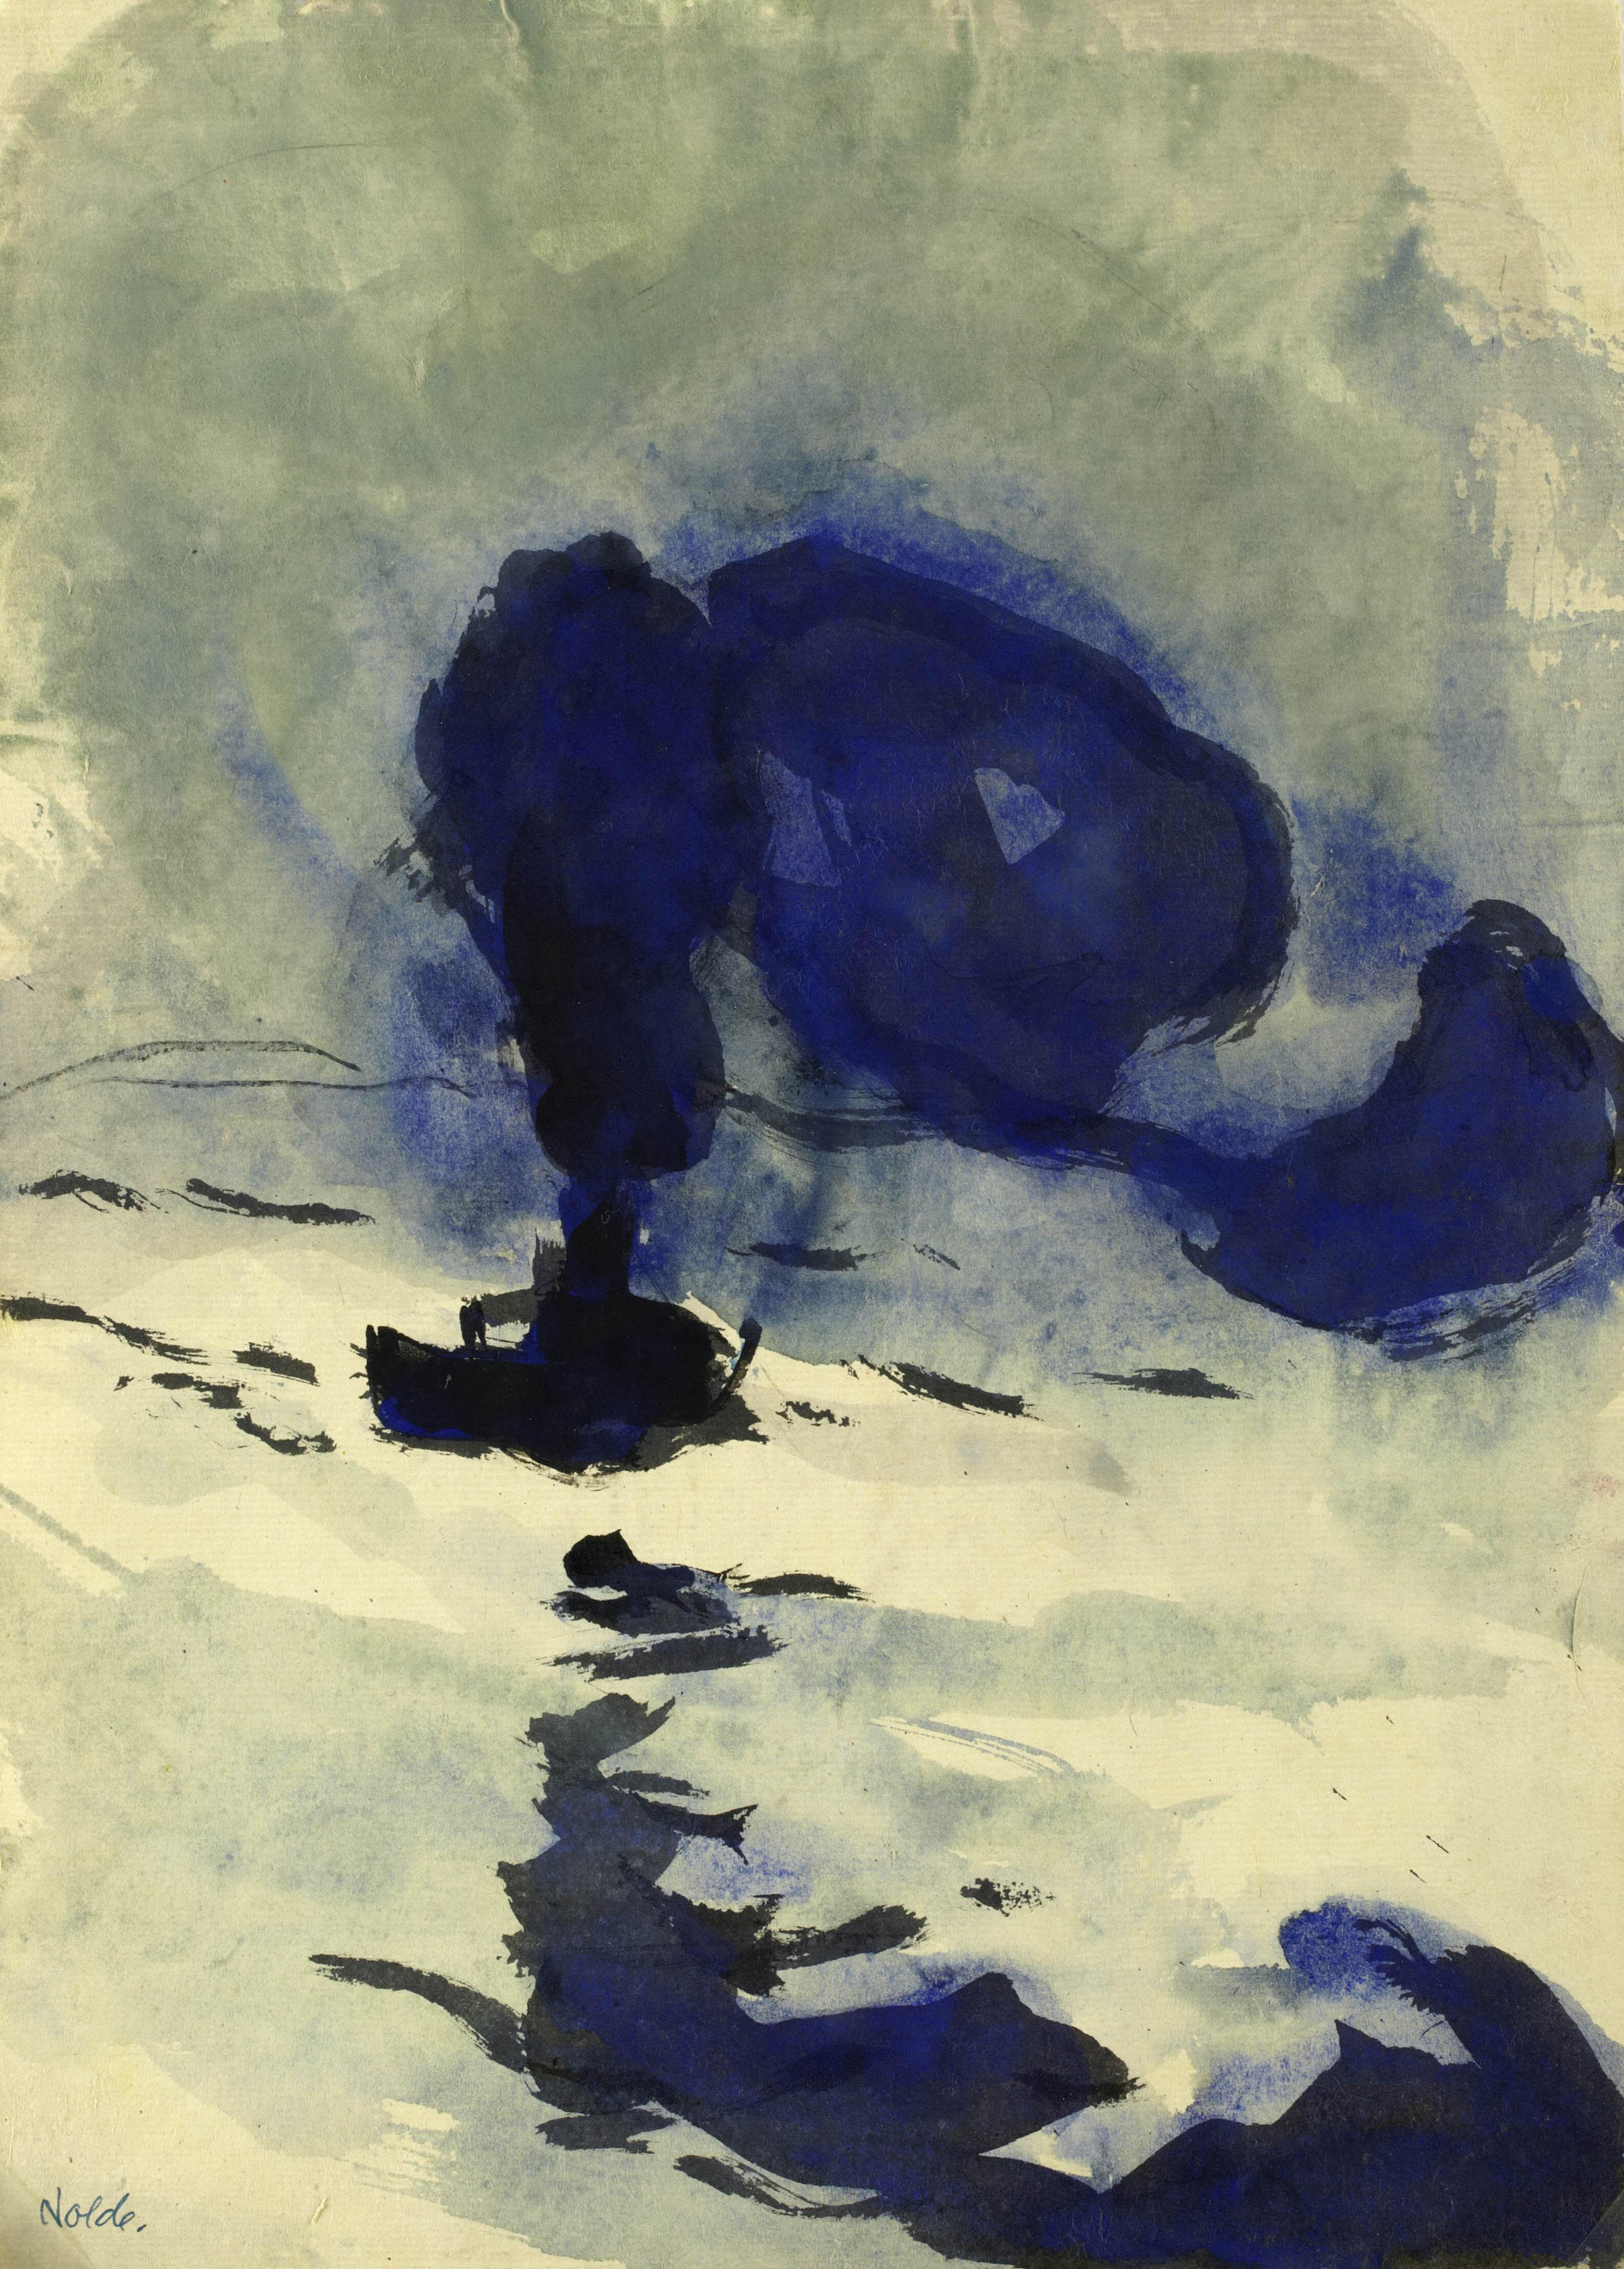 Emil Nolde (1867–1956) Kleiner Dampfer, Hamburg, 1910 Tuschpinselzeichnung, aquarelliert 38 x 27,2 cm Nolde Stiftung Seebüll © Nolde Stiftung Seebüll Photo: Dirk Dunkelberg, Berlin